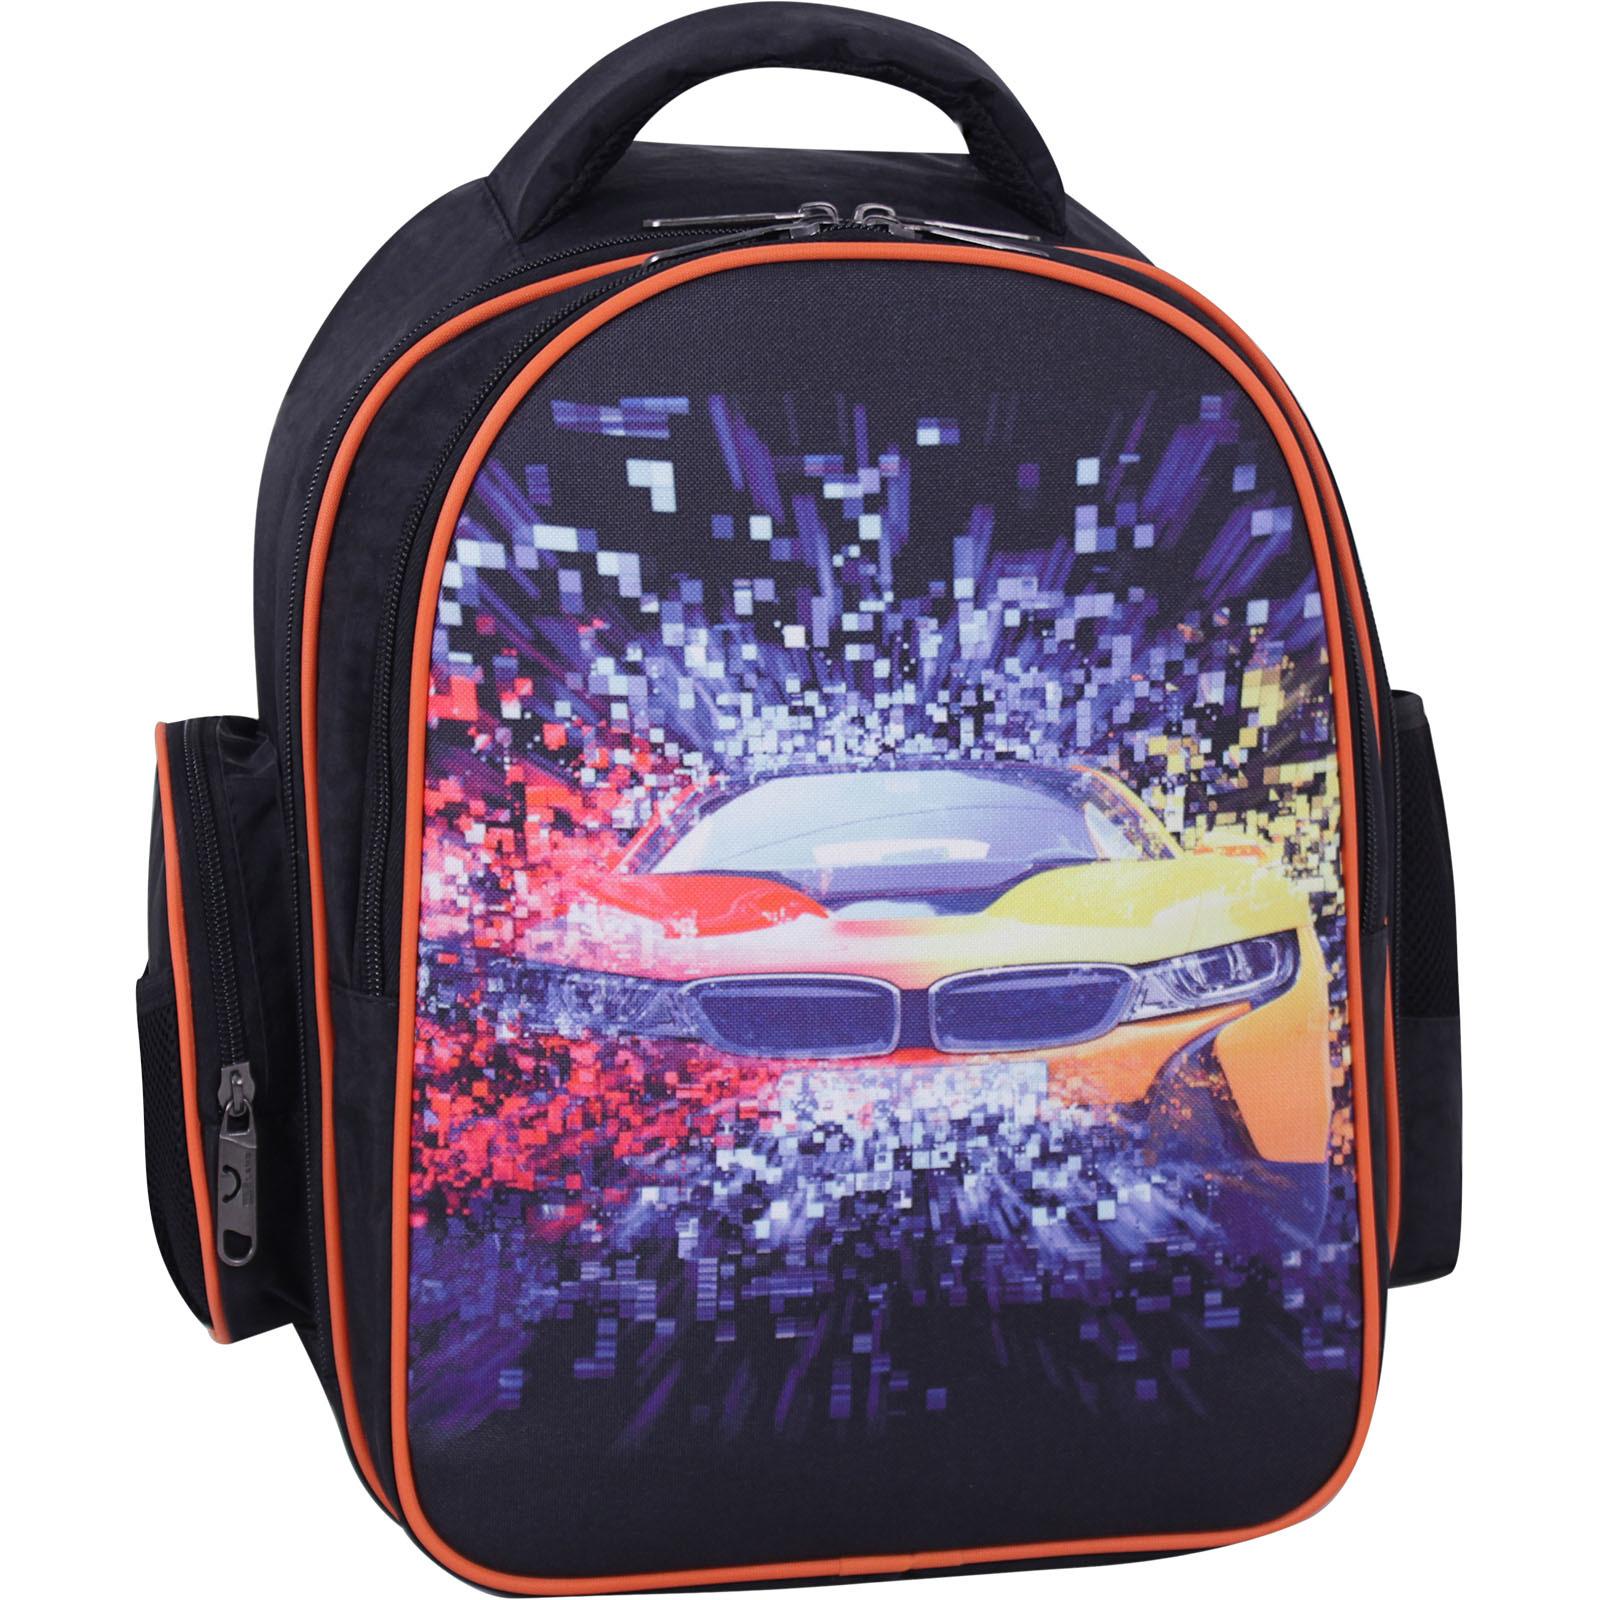 Школьные рюкзаки Рюкзак Bagland Pupil 14 л. черный 417 (0012570) IMG_8424_суб417_-1600.jpg